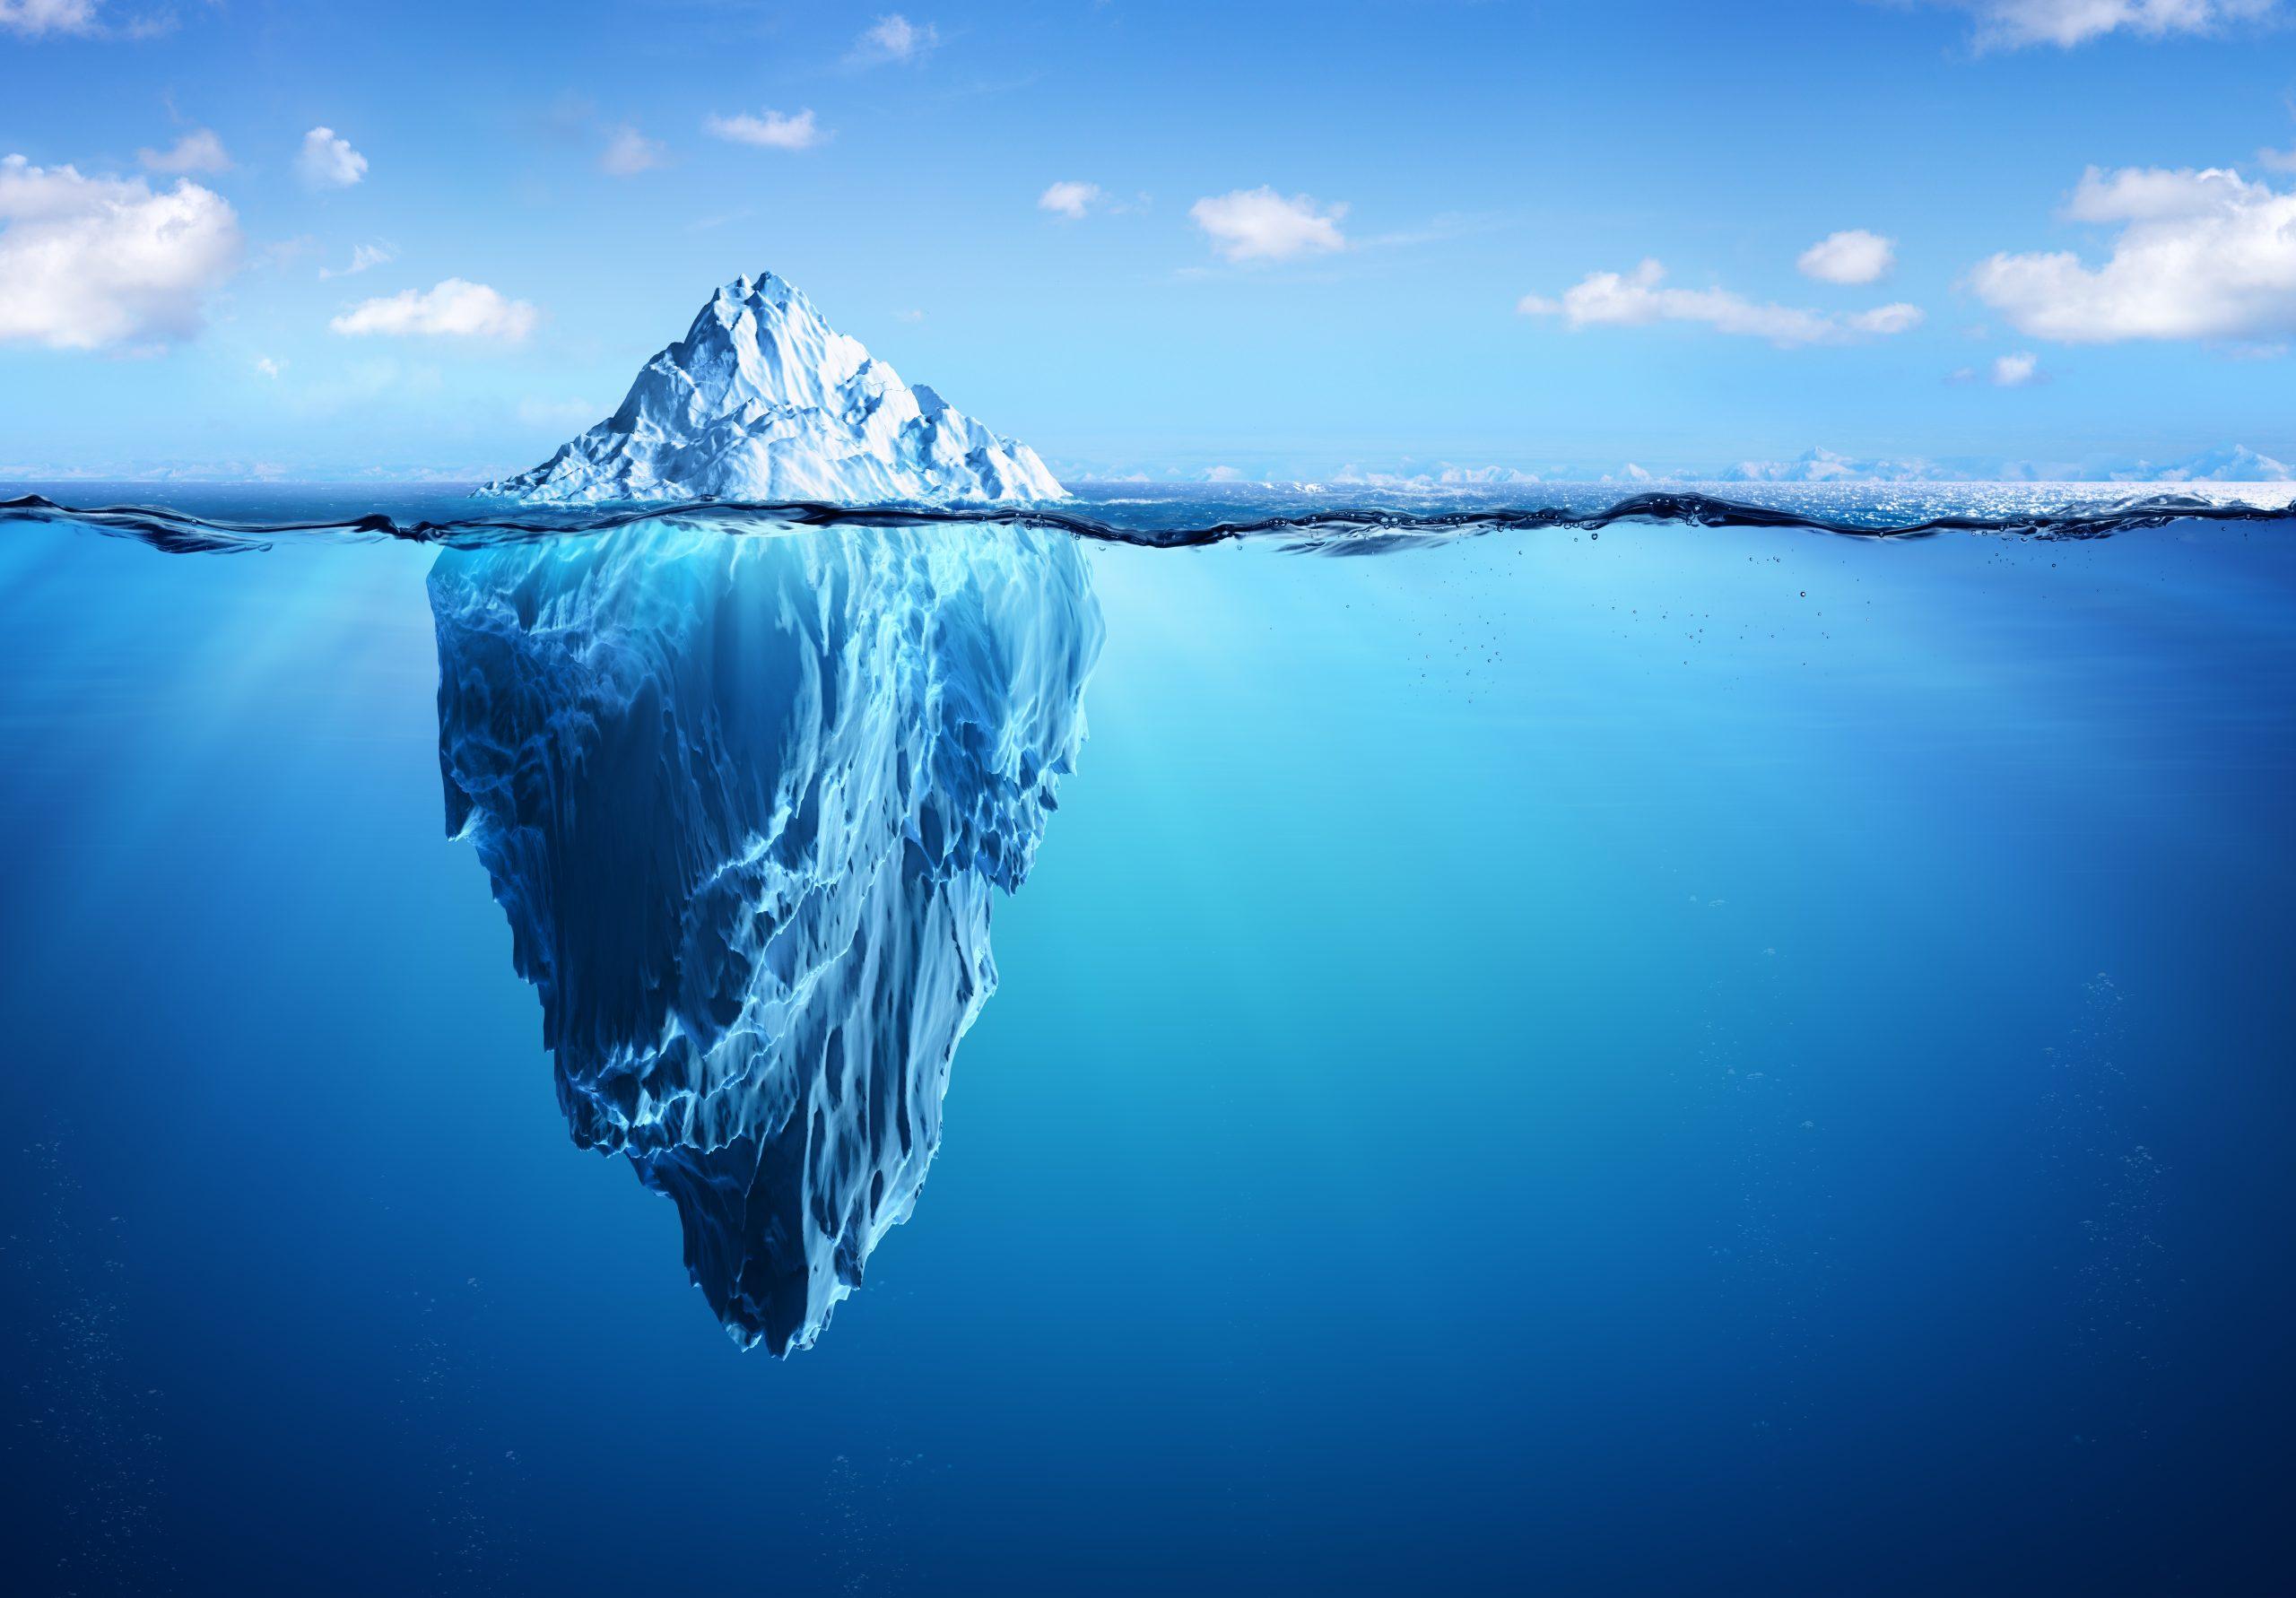 Publier une photo sur Facebook, c'est la pointe de l'iceberg du travail de gestion de réseaux sociaux.